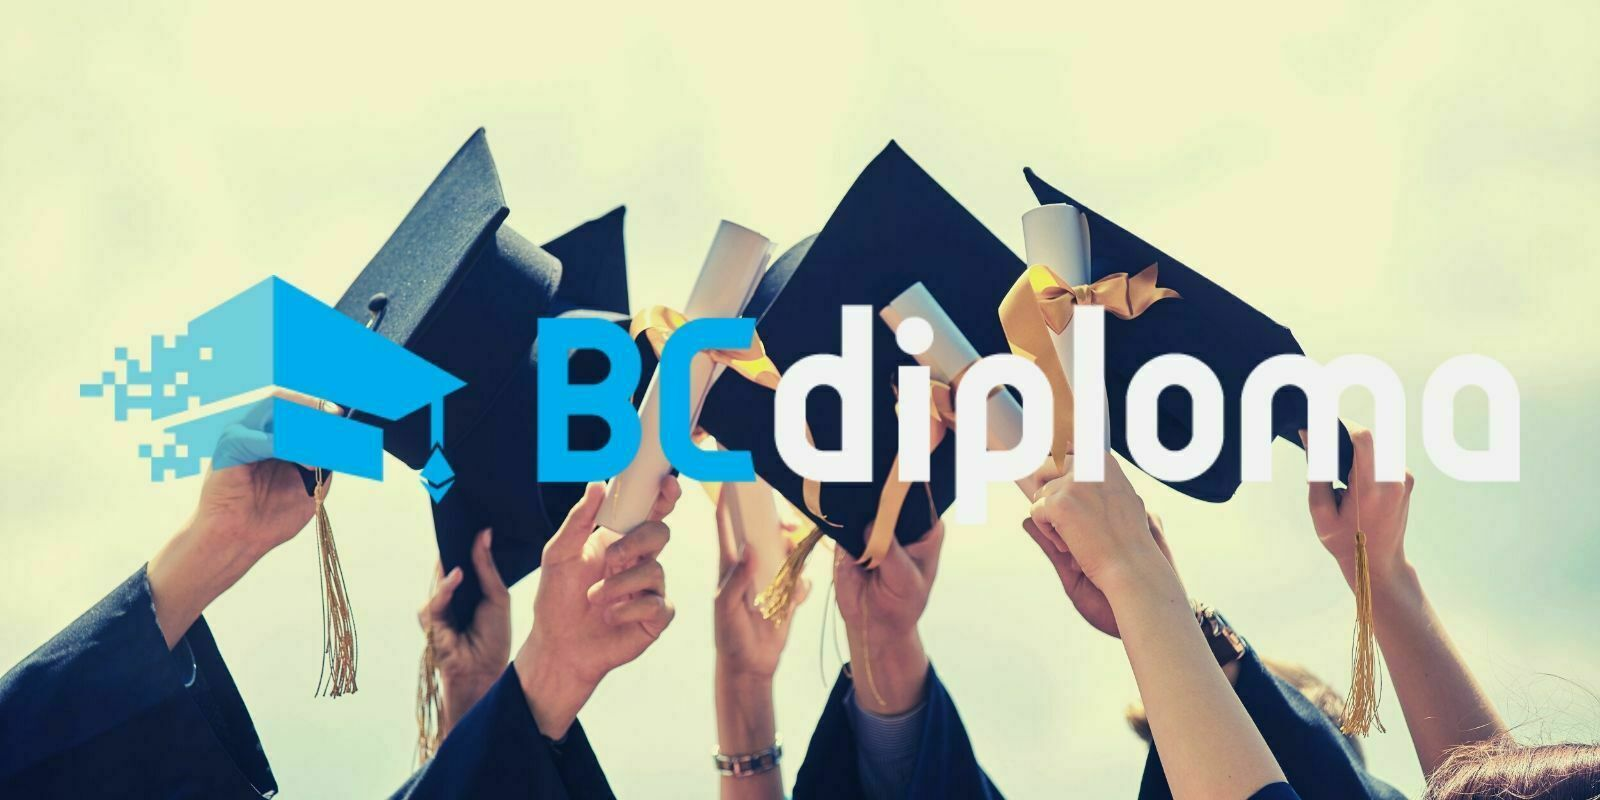 BCDiploma, une certification des diplômes par la Blockchain